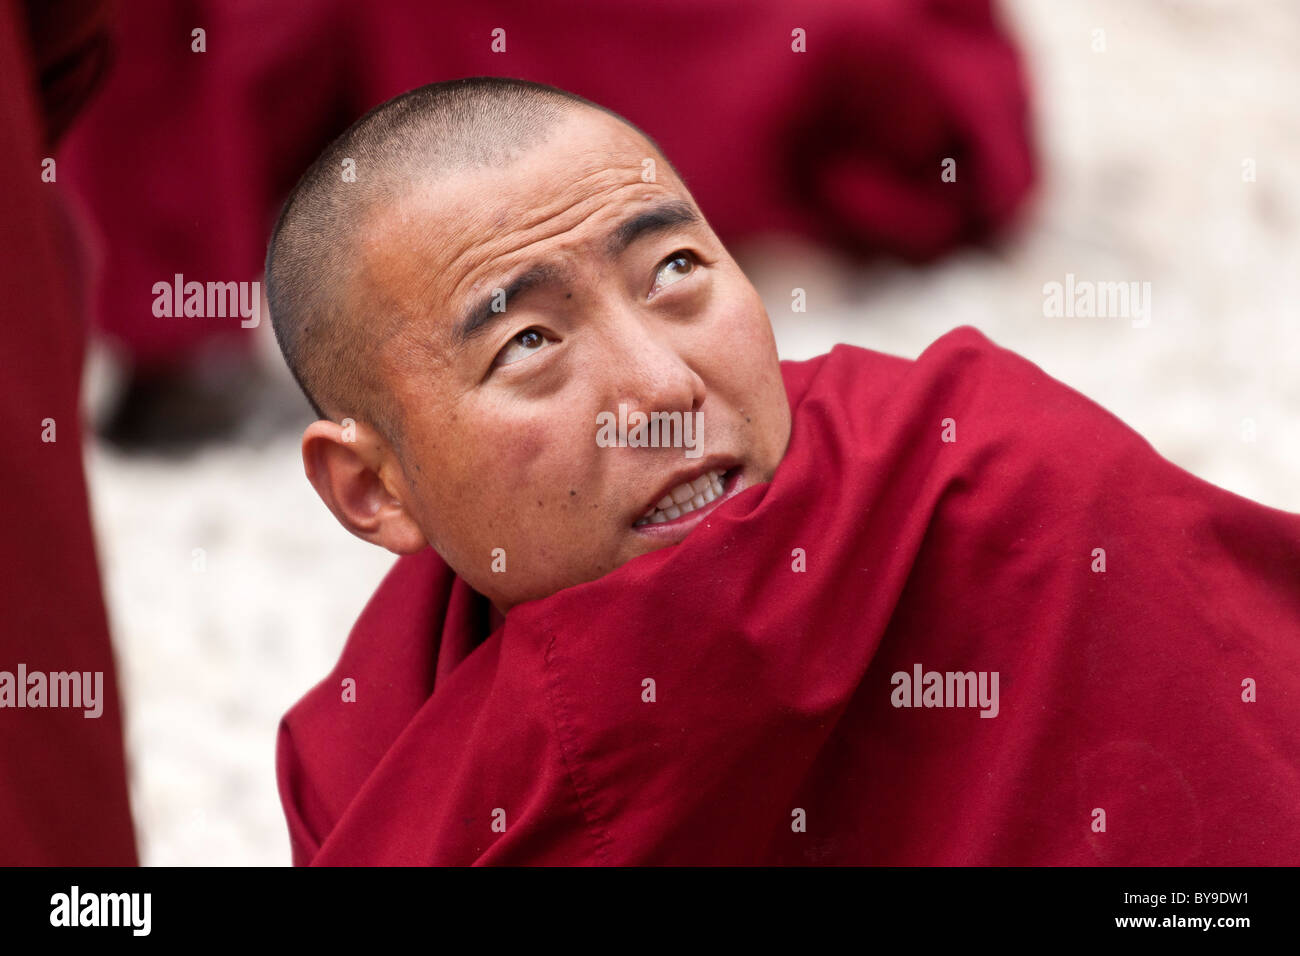 Monk in the Debating Courtyard at Sera Monastery Lhasa Tibet. JMH4611 - Stock Image